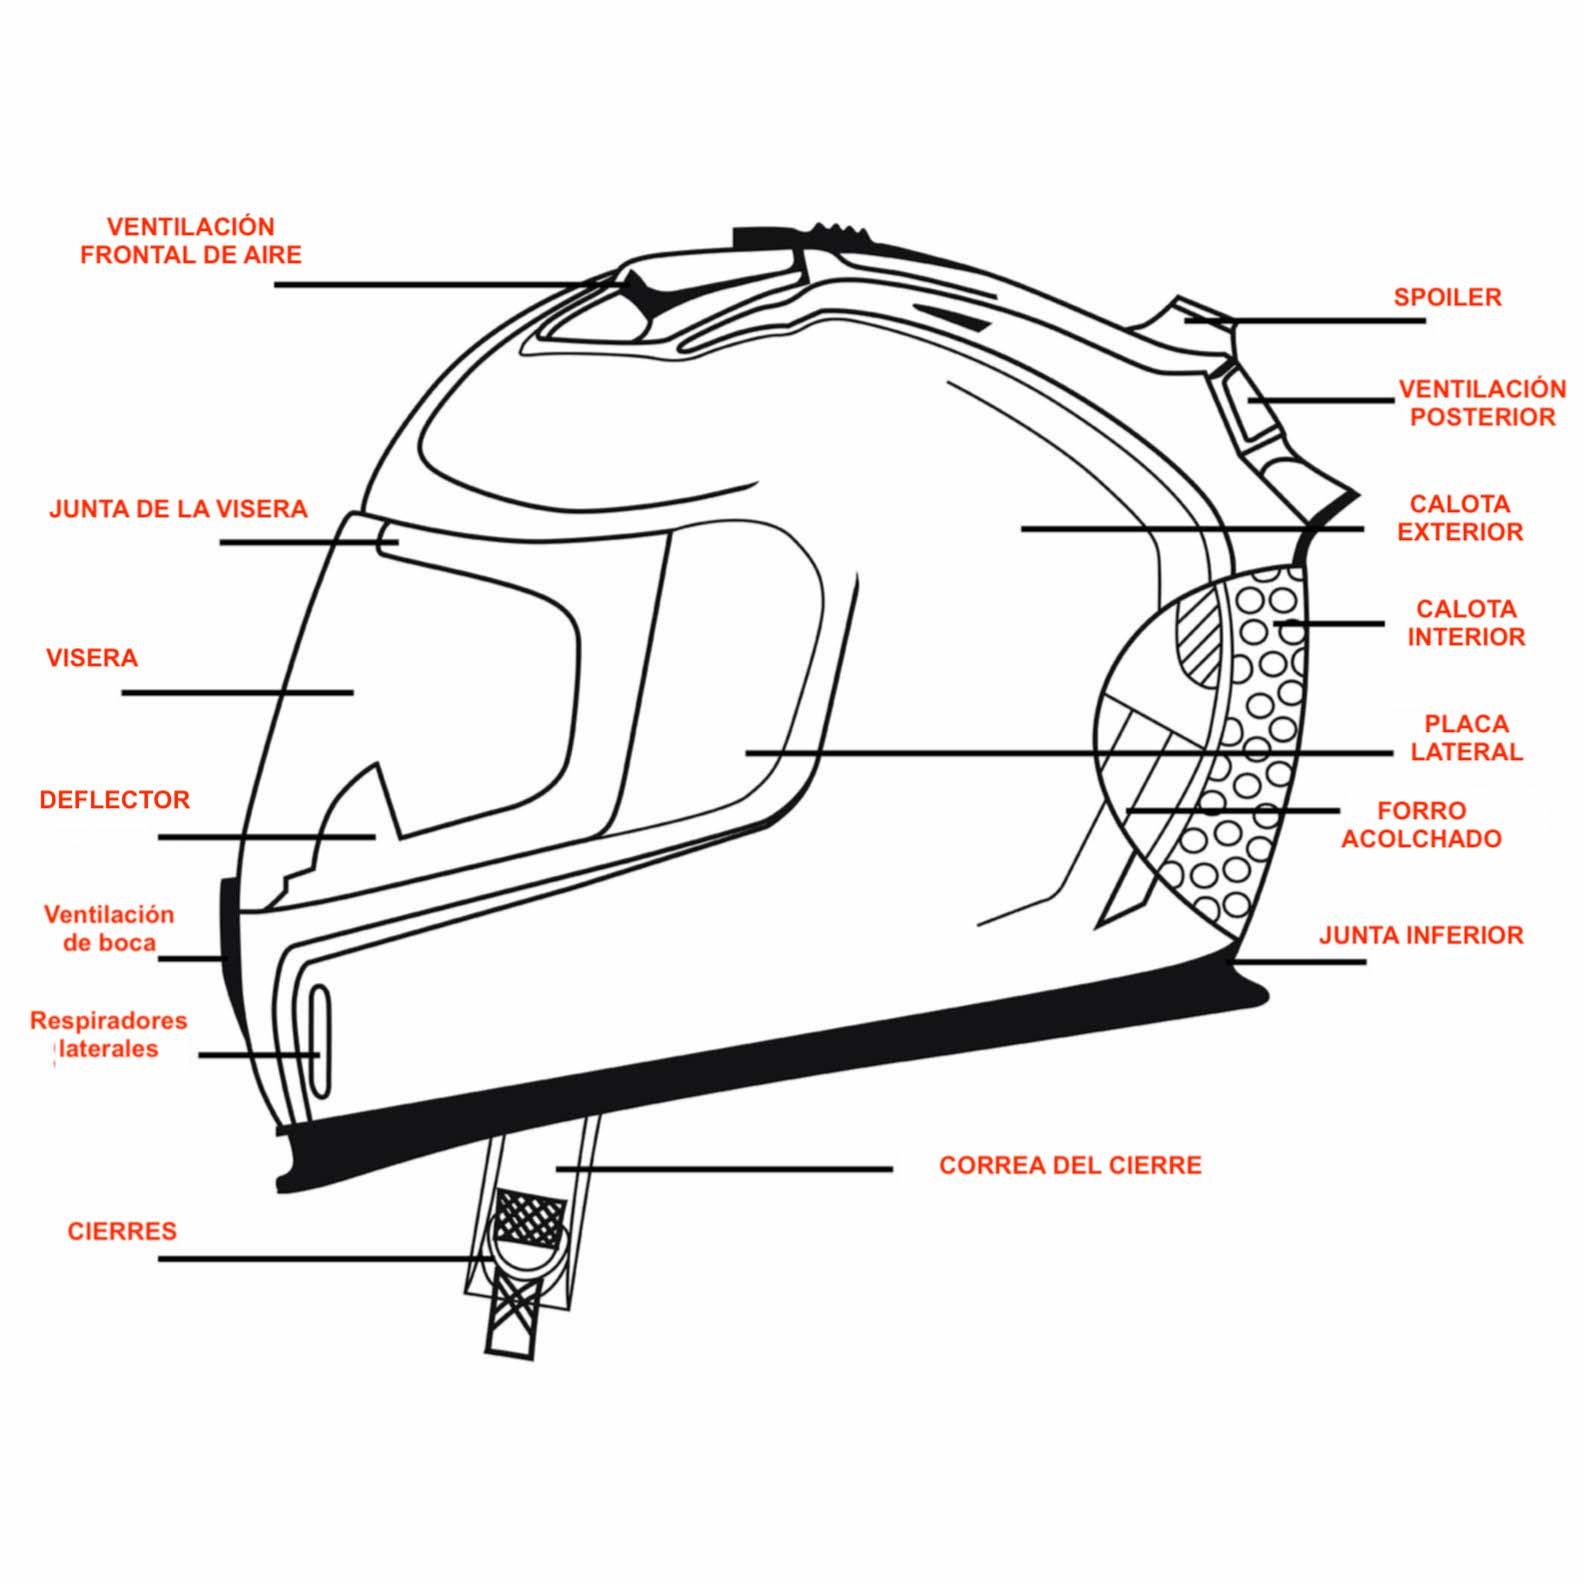 Partes de un casco